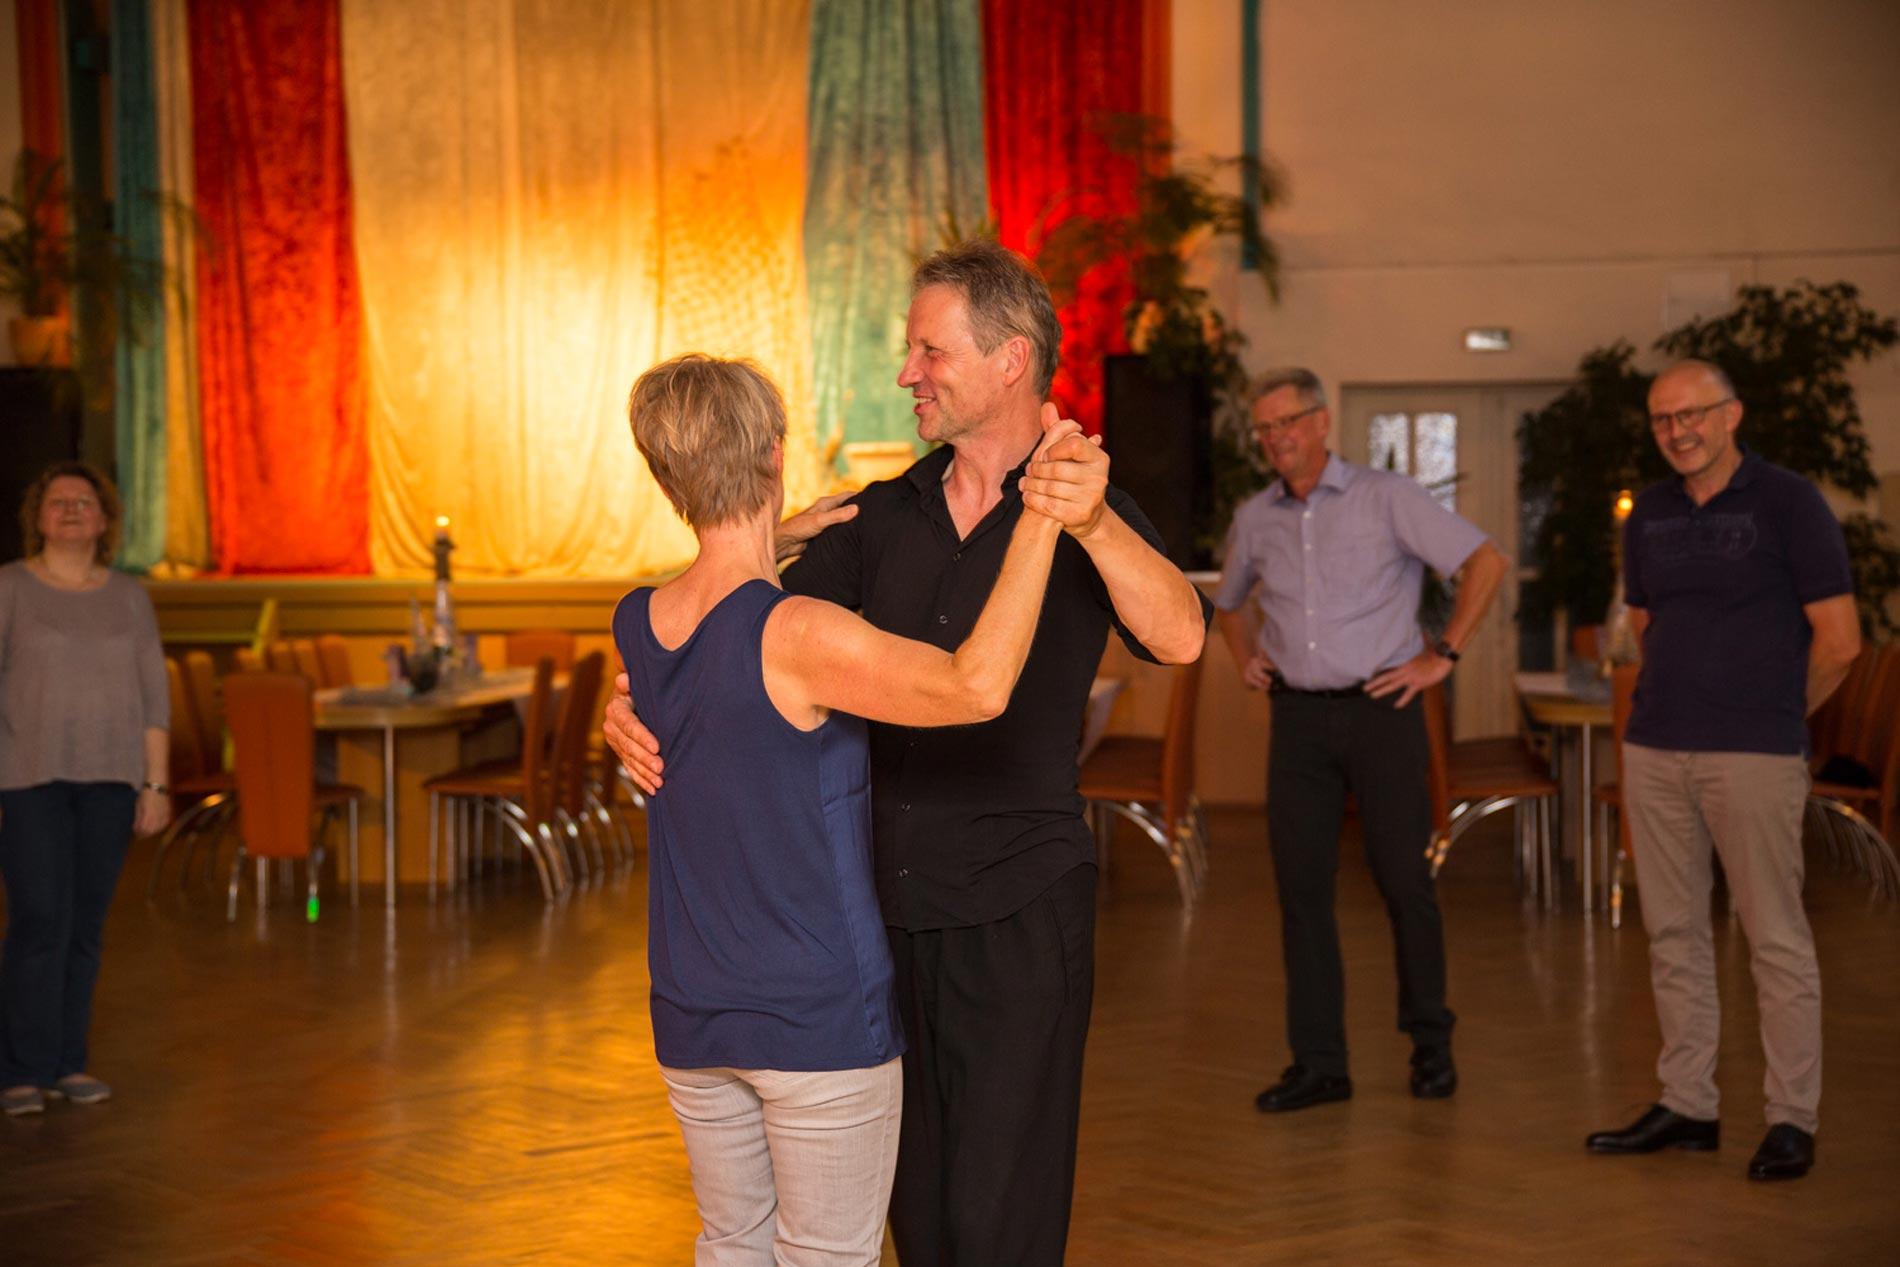 Tanzgalerie Suhl - Öffentliche Veranstaltungen